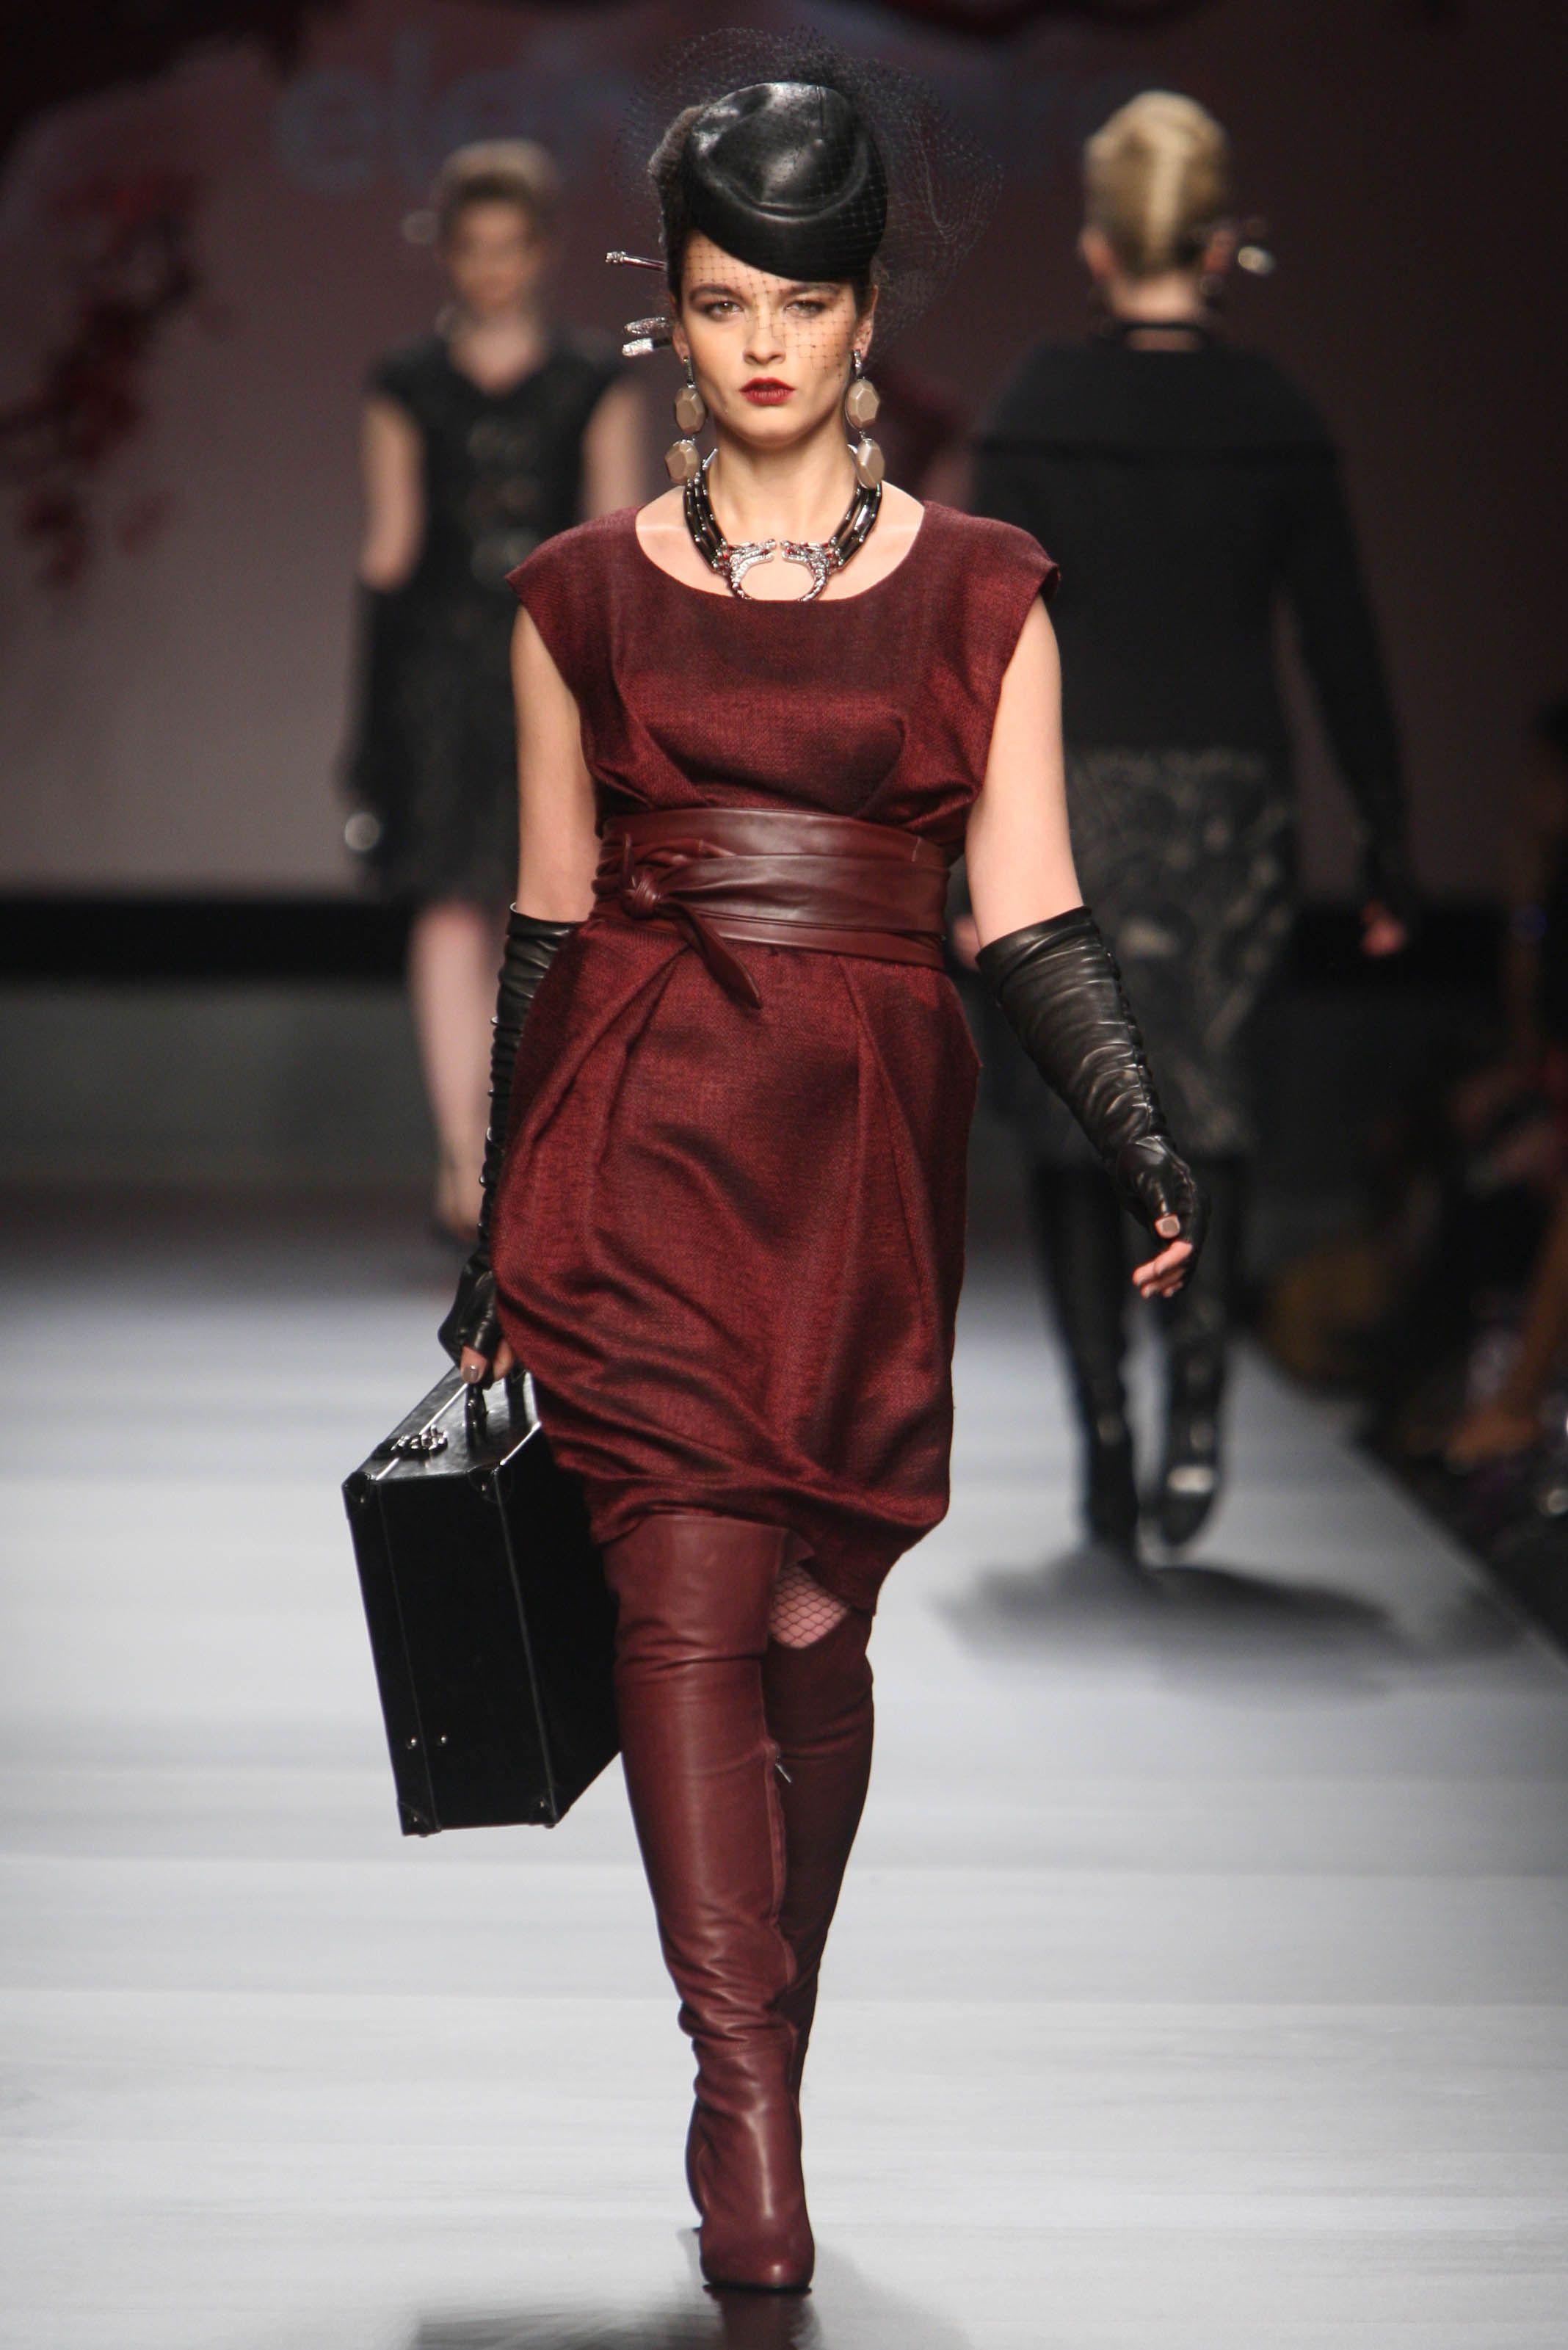 79c97e3dc73a Sfilata Elena Mirò Milano - Collezioni Autunno Inverno 2010 2011 - Vogue